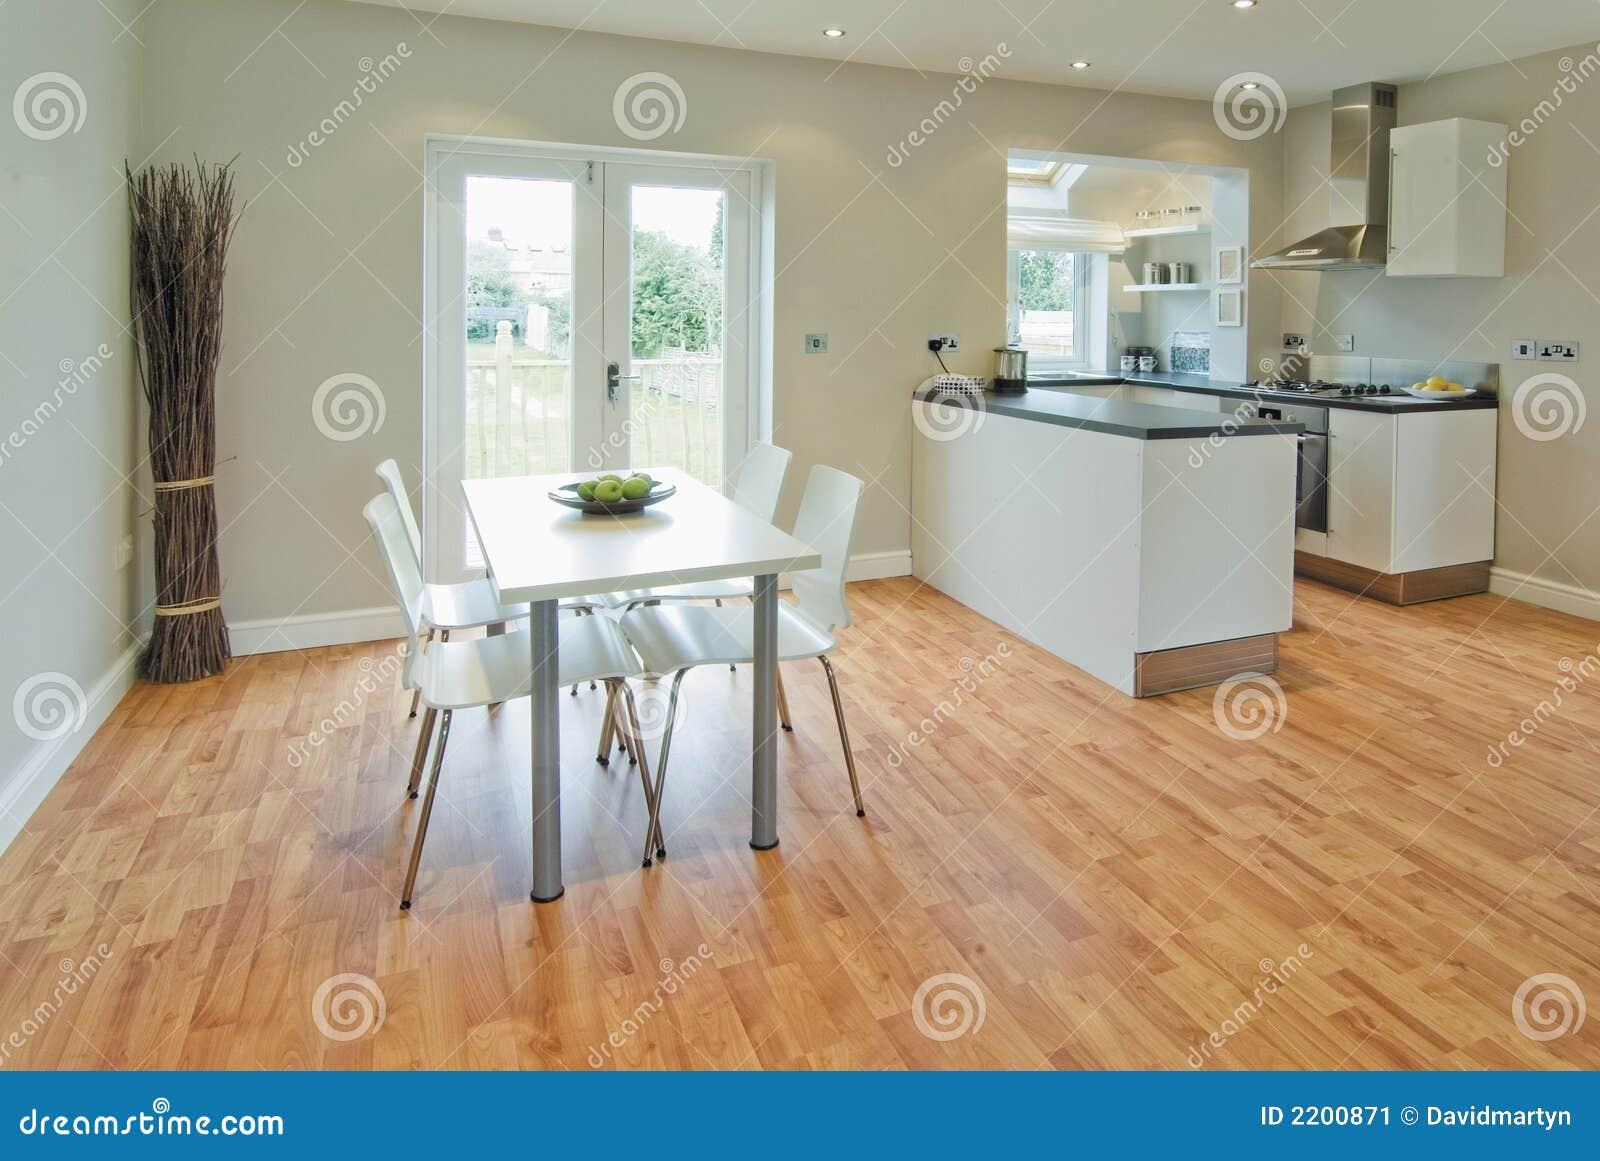 Sala De Jantar E Cozinha Imagem de Stock Imagem: 2200871 #90643B 1300x960